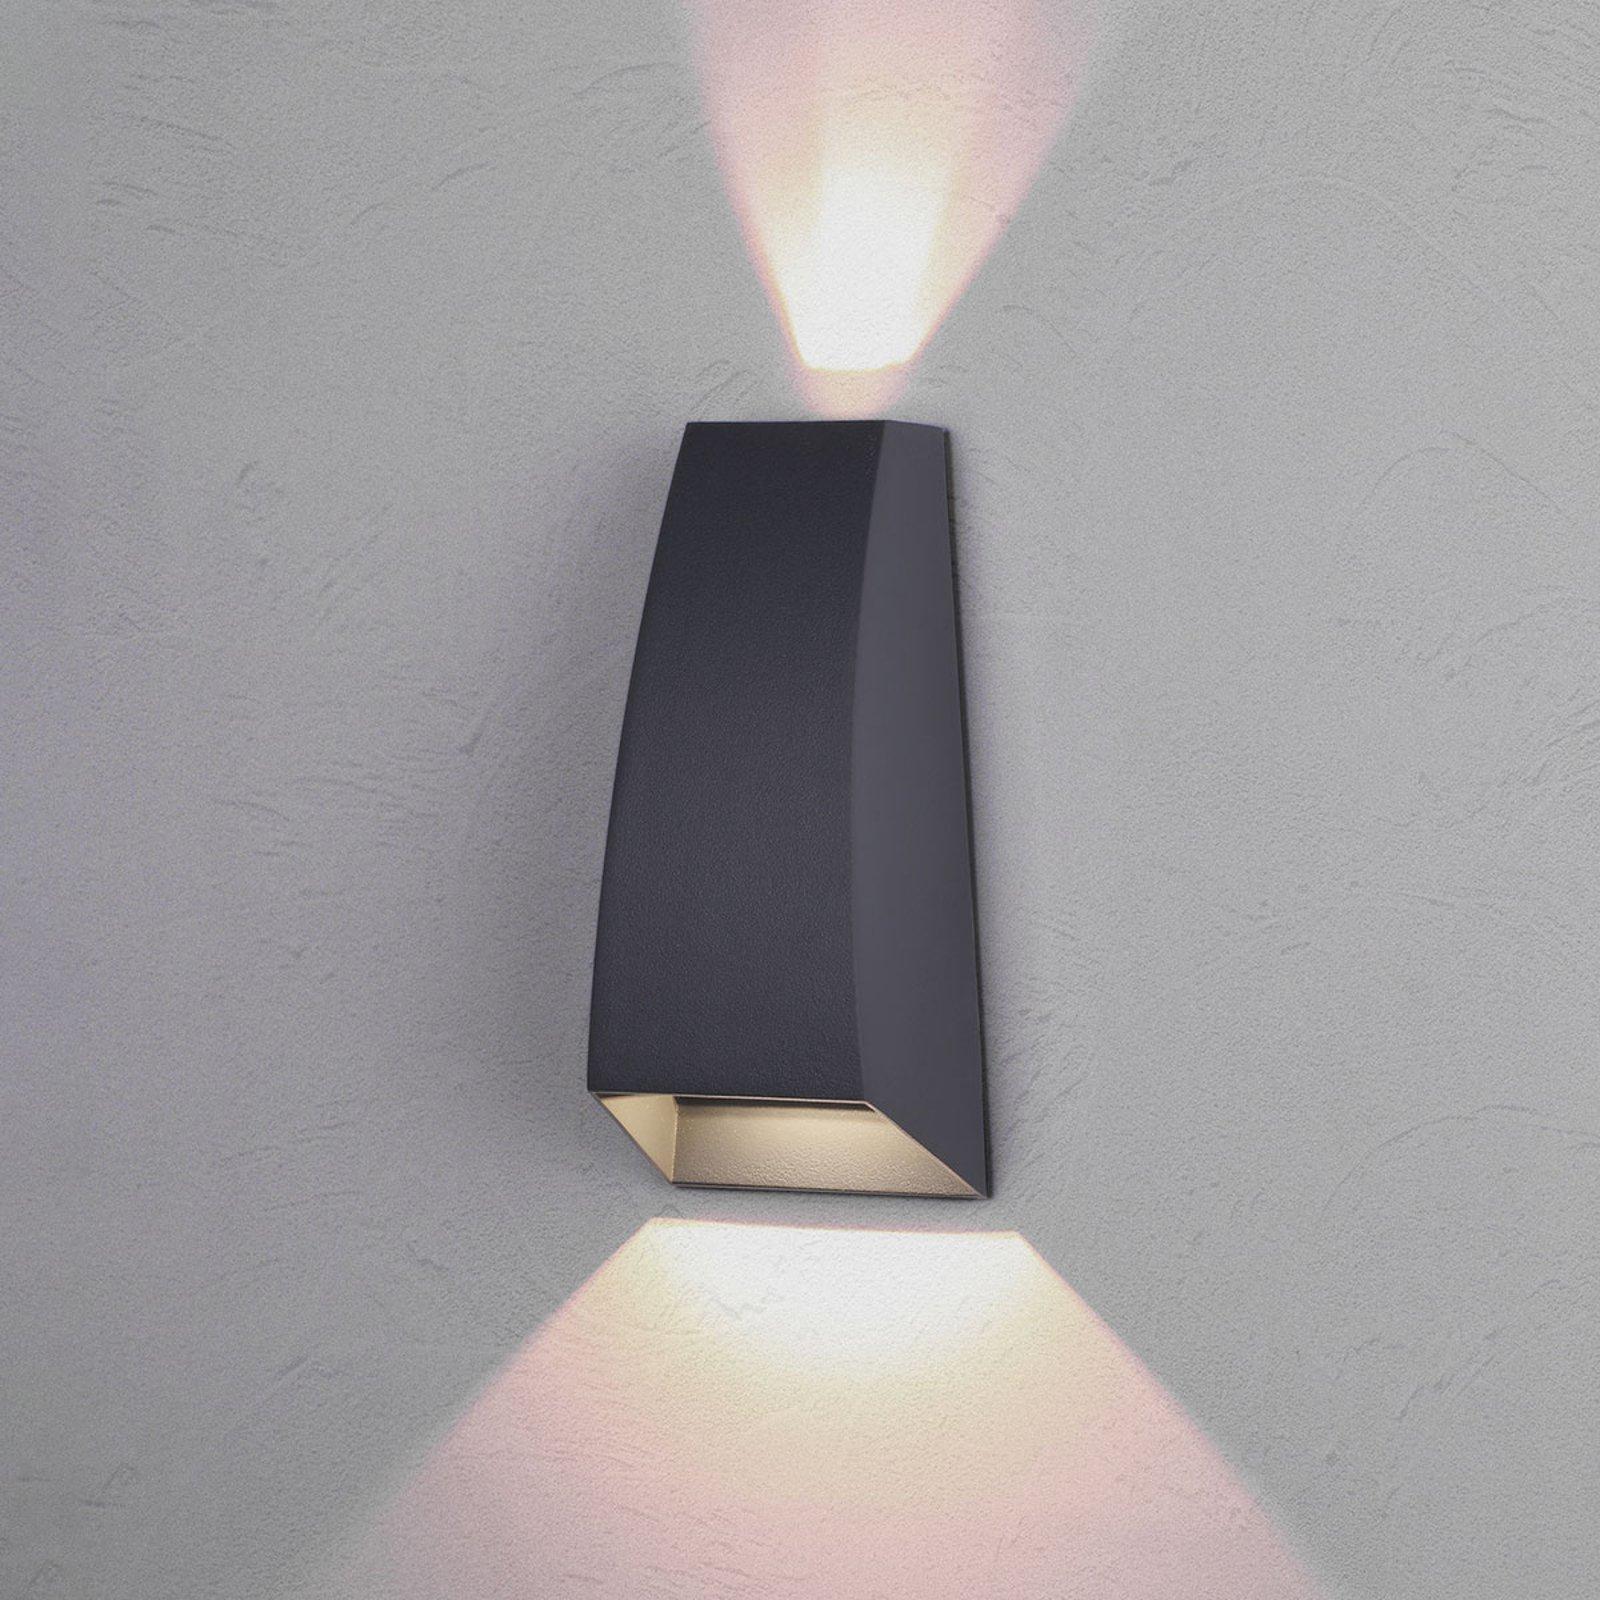 Tiana utendørs LED-vegglampe, mørkegrå